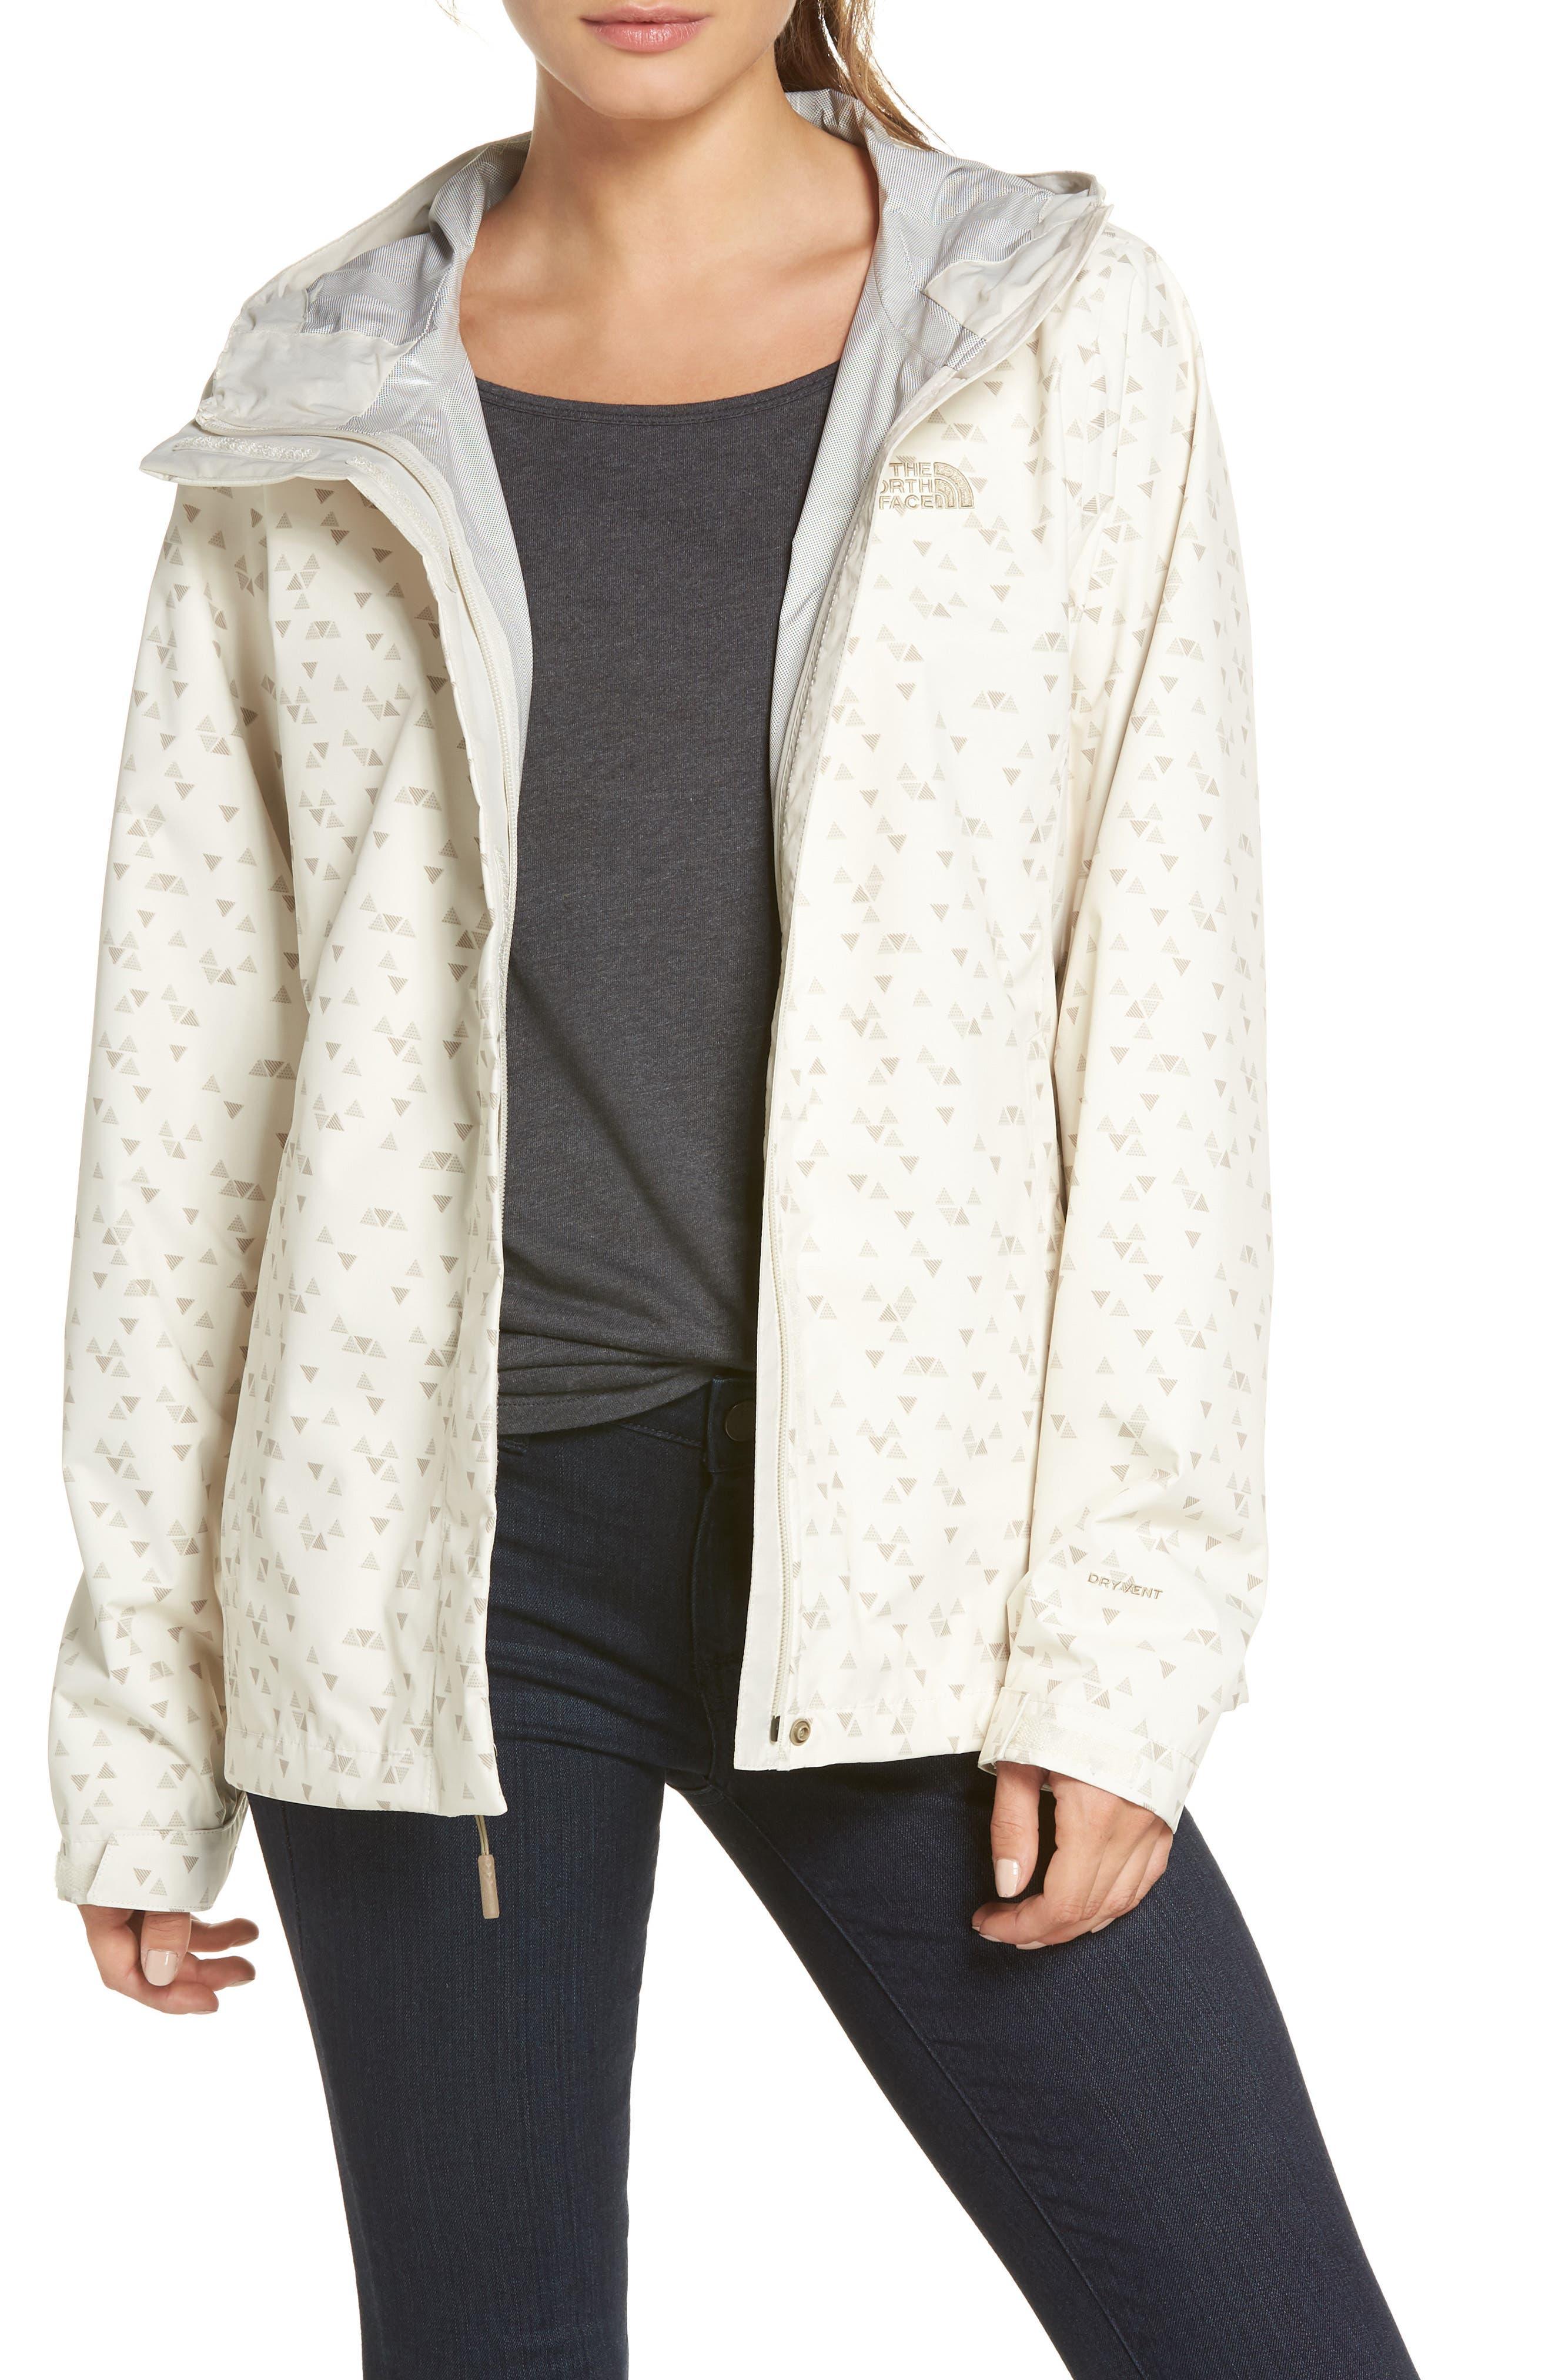 Venture Print Waterproof Jacket,                         Main,                         color, VINTAGE WHITE SPARSE